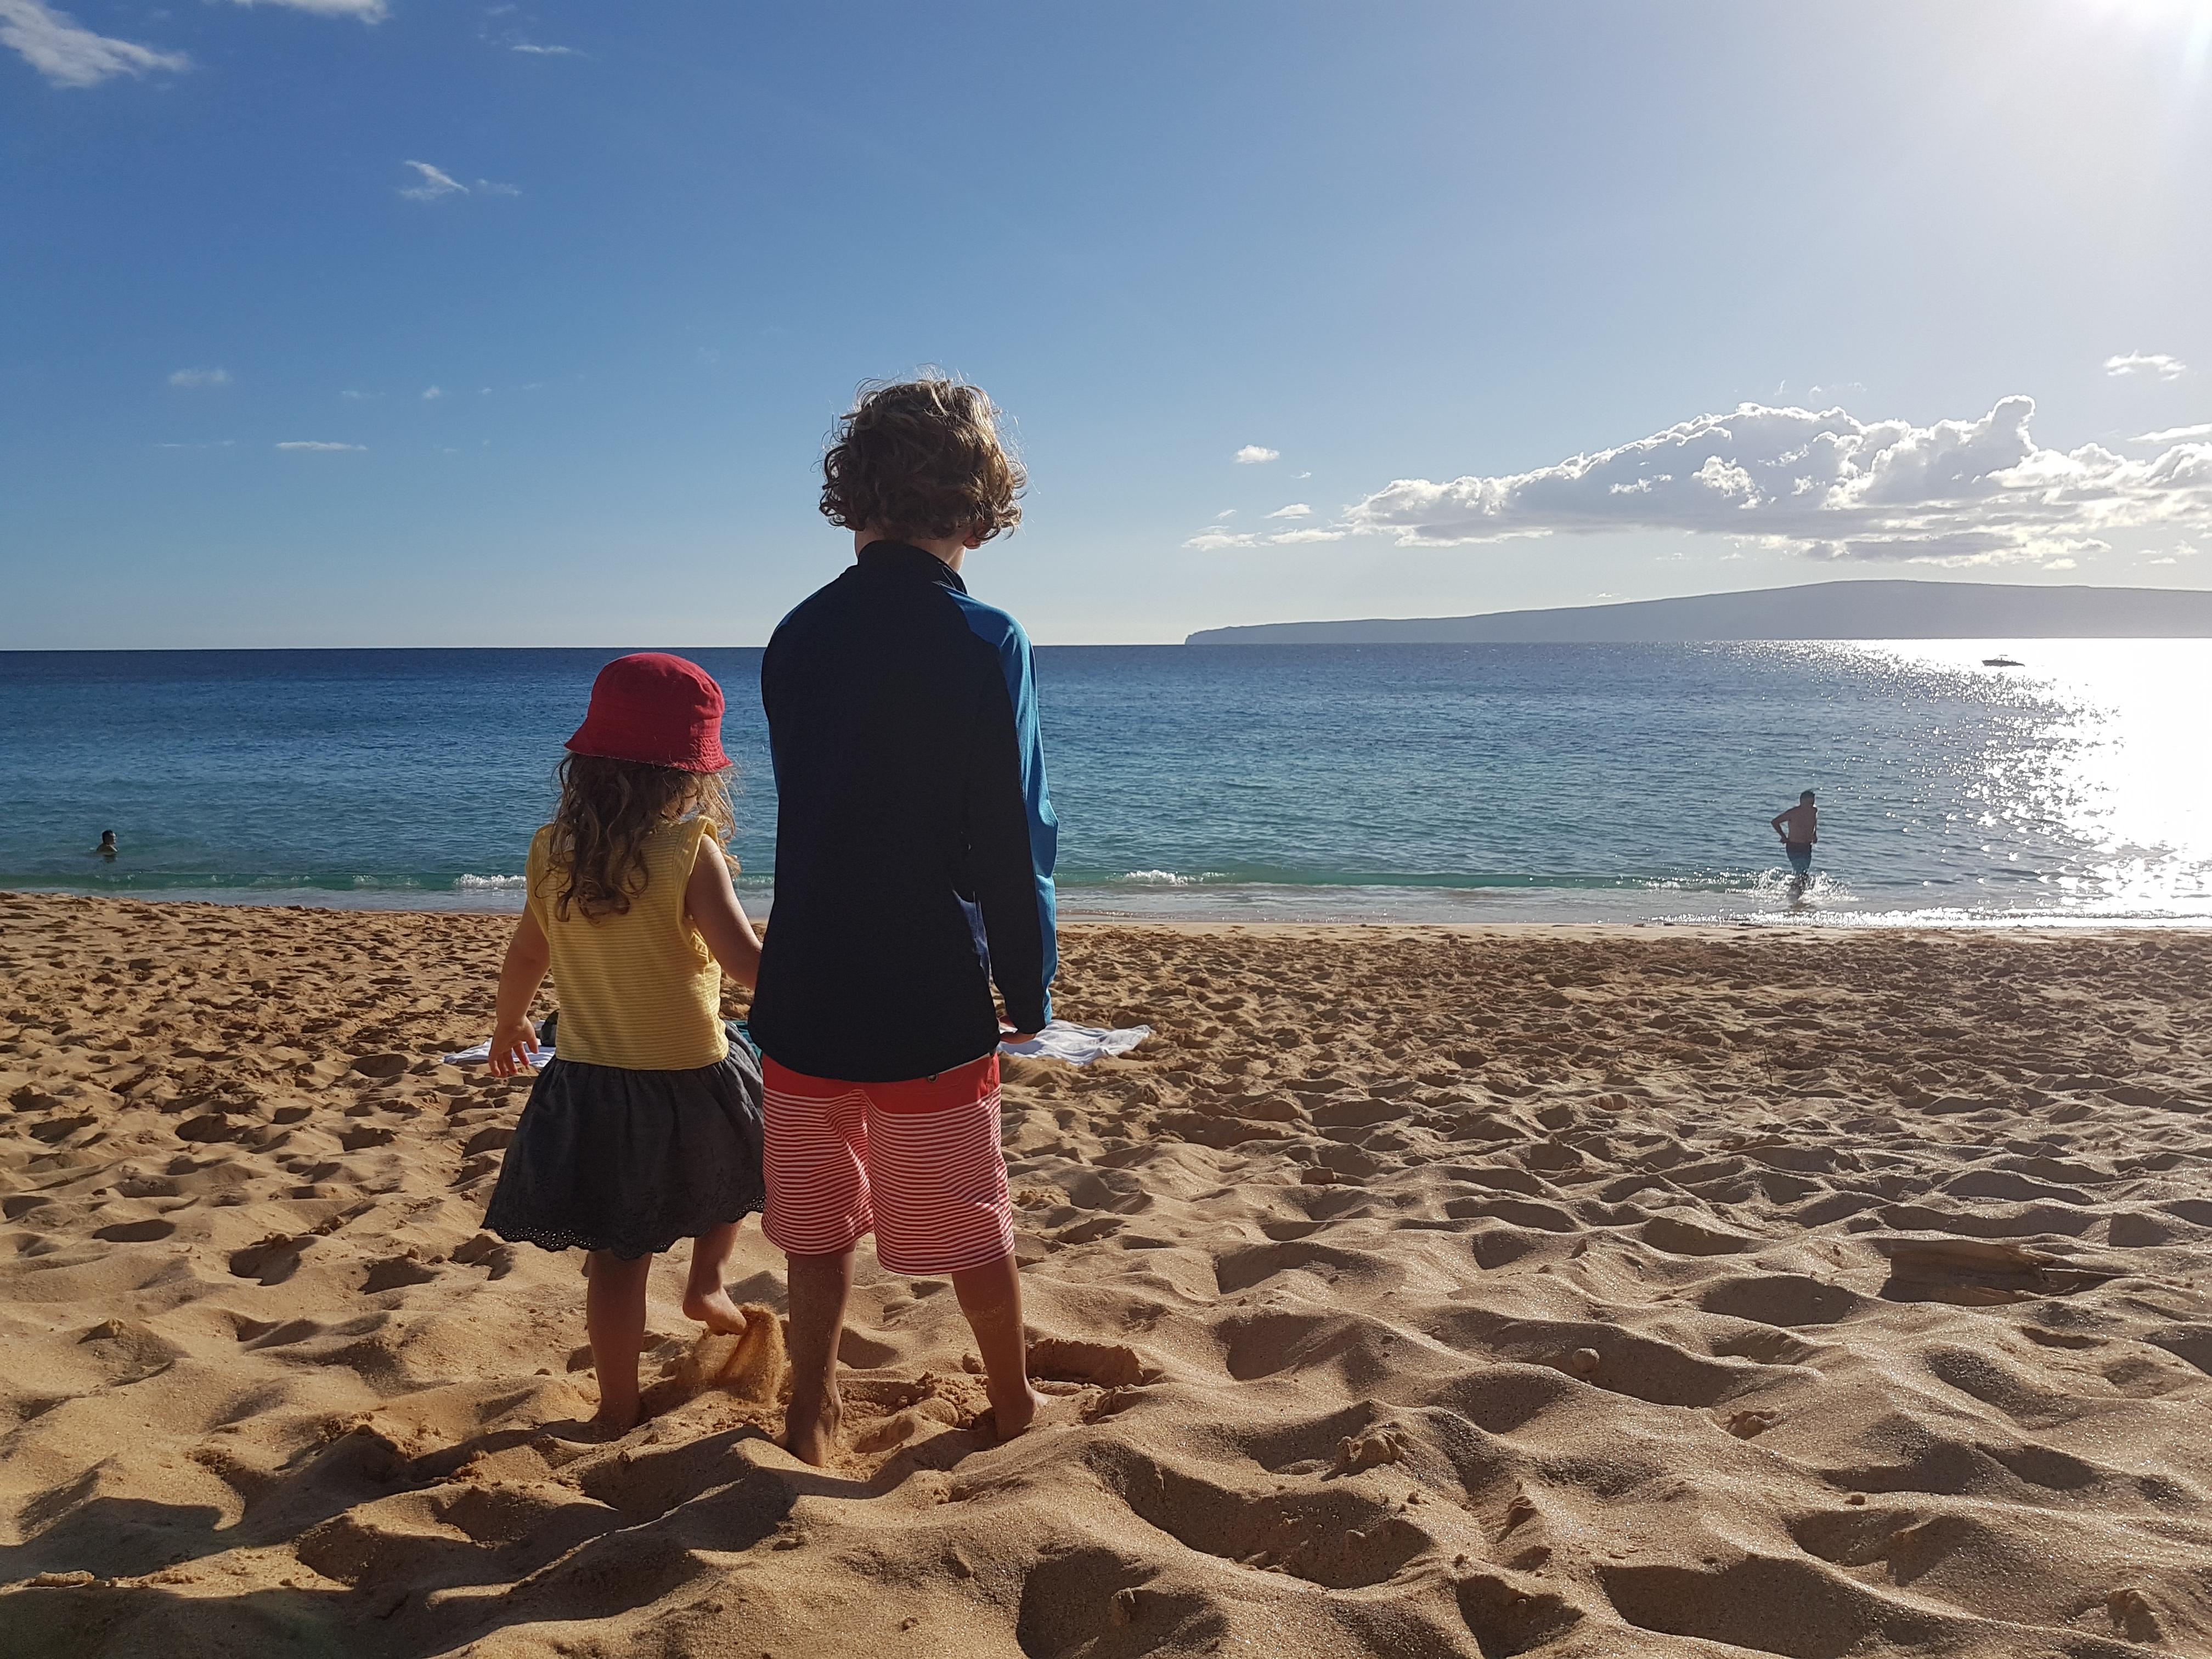 Kids looking at ocean in Maui